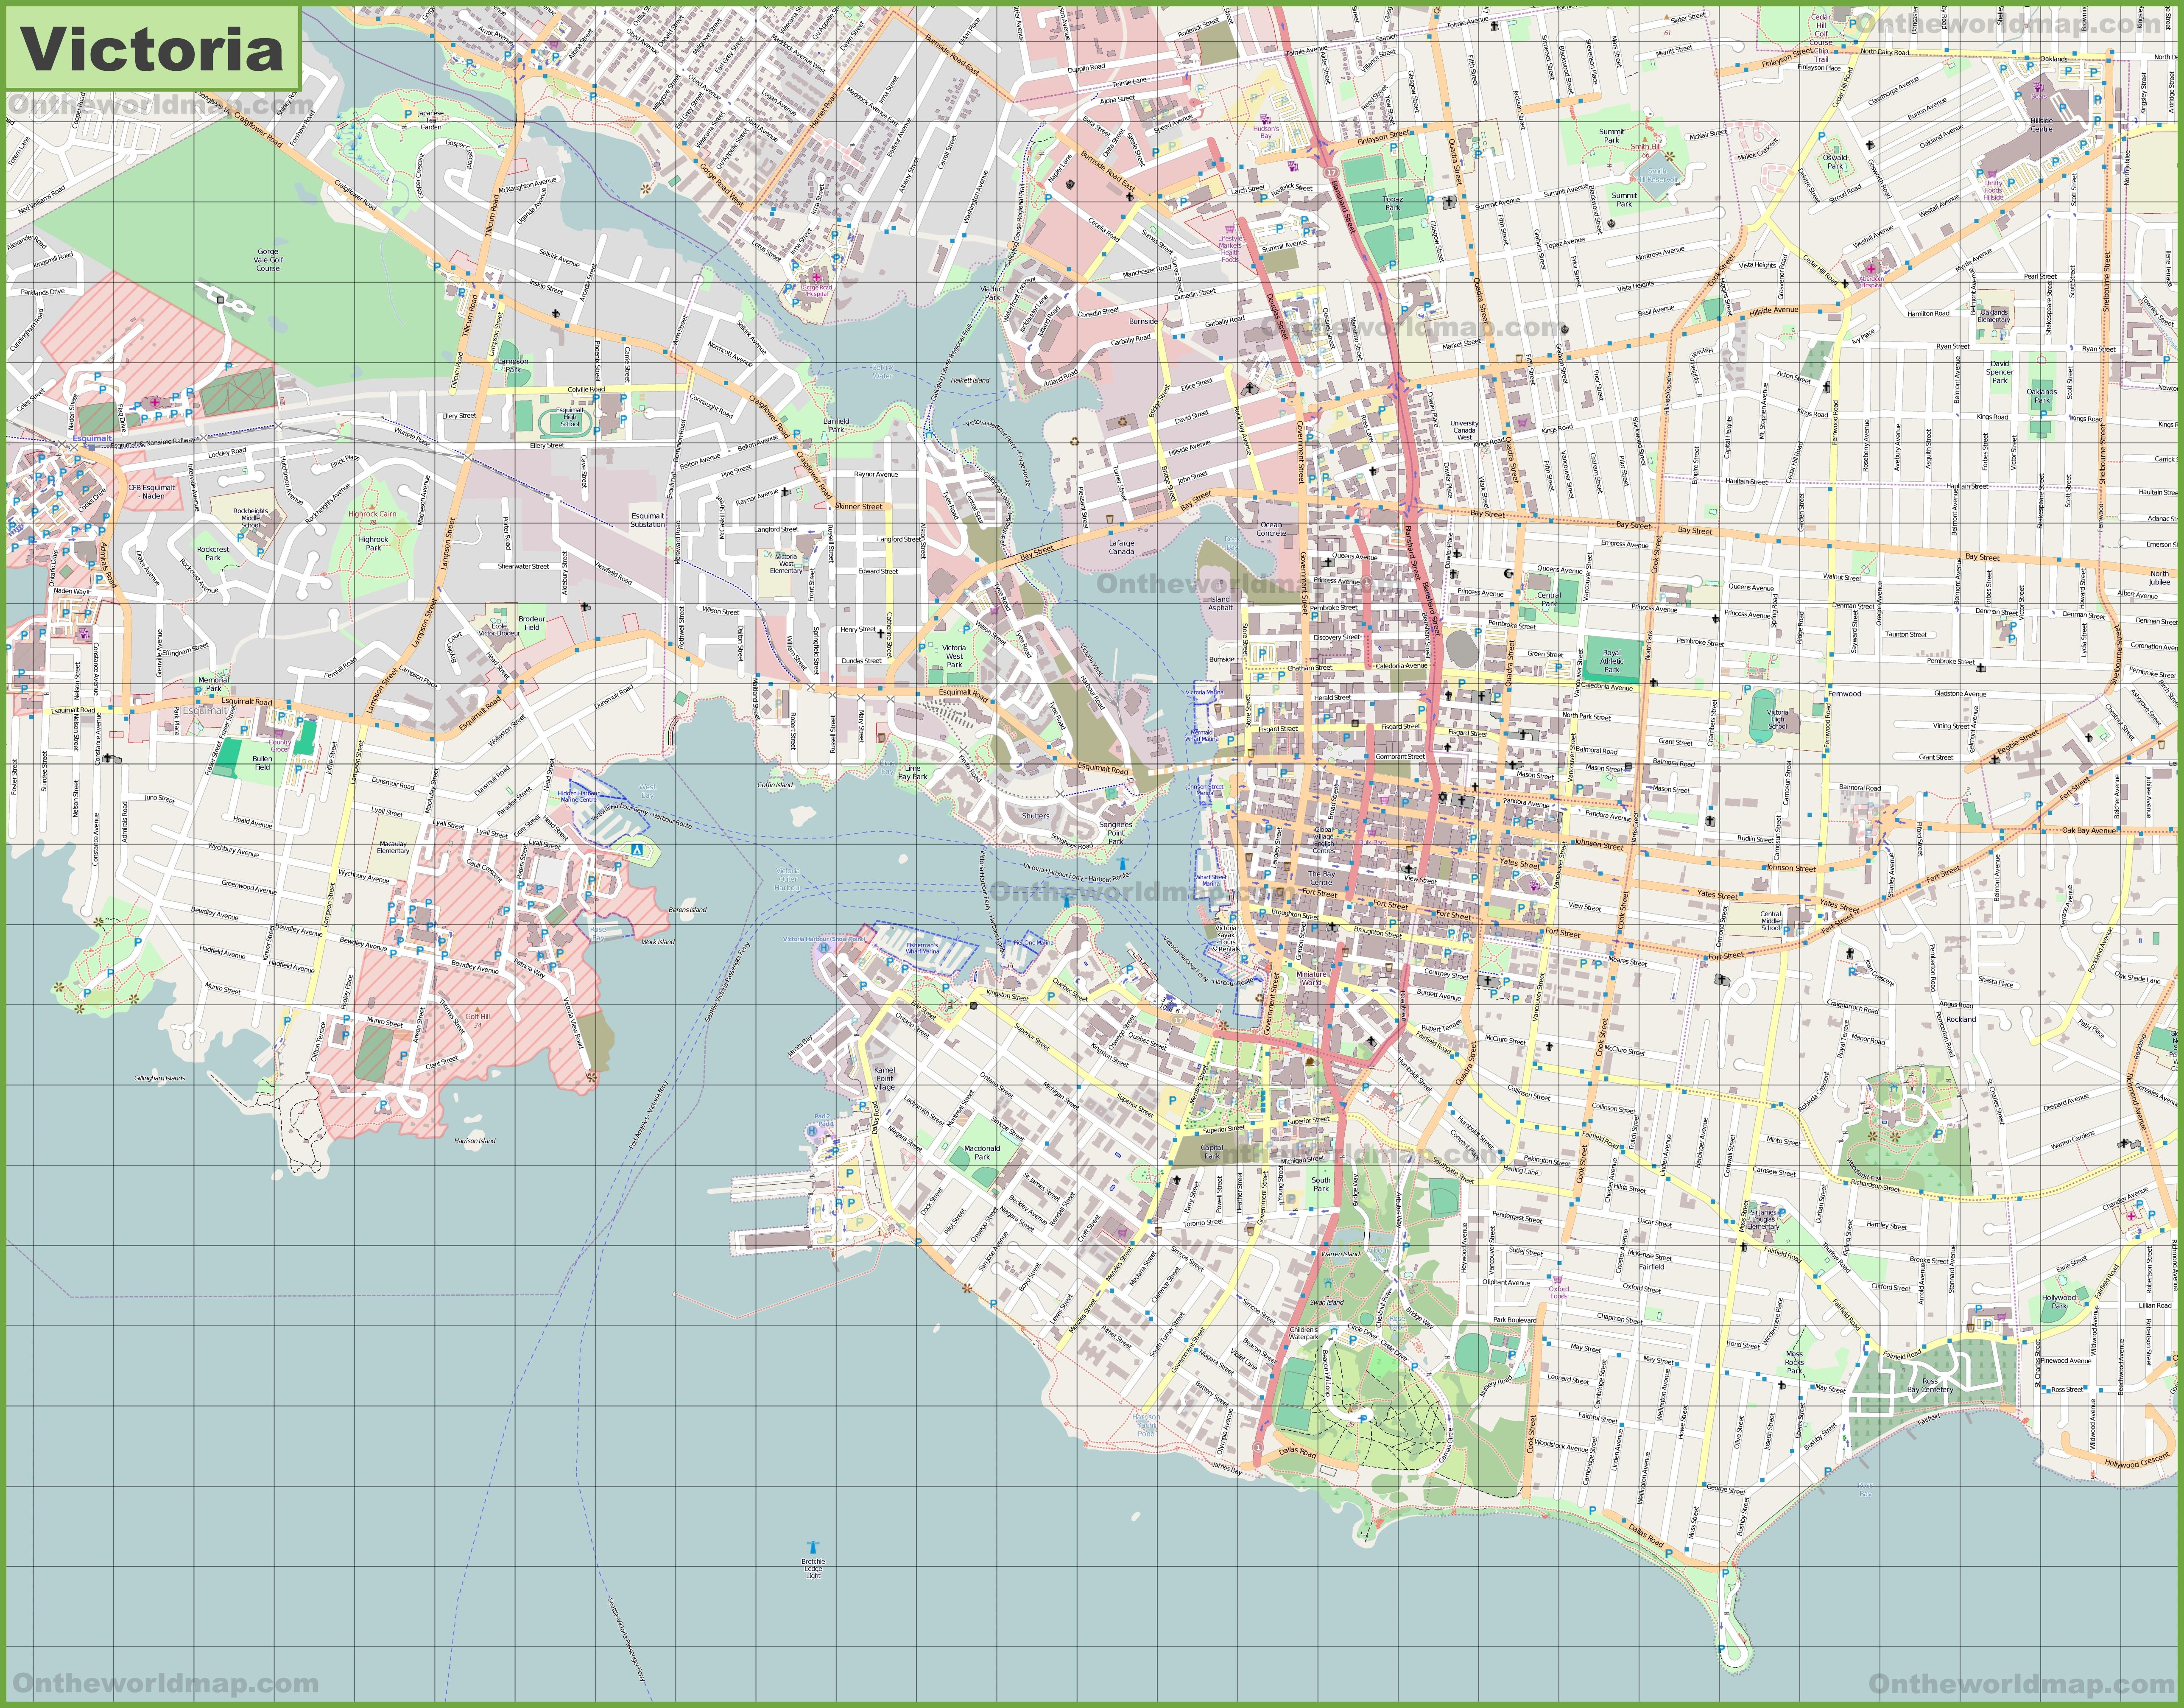 Victoria Maps British Columbia Canada Maps of Victoria